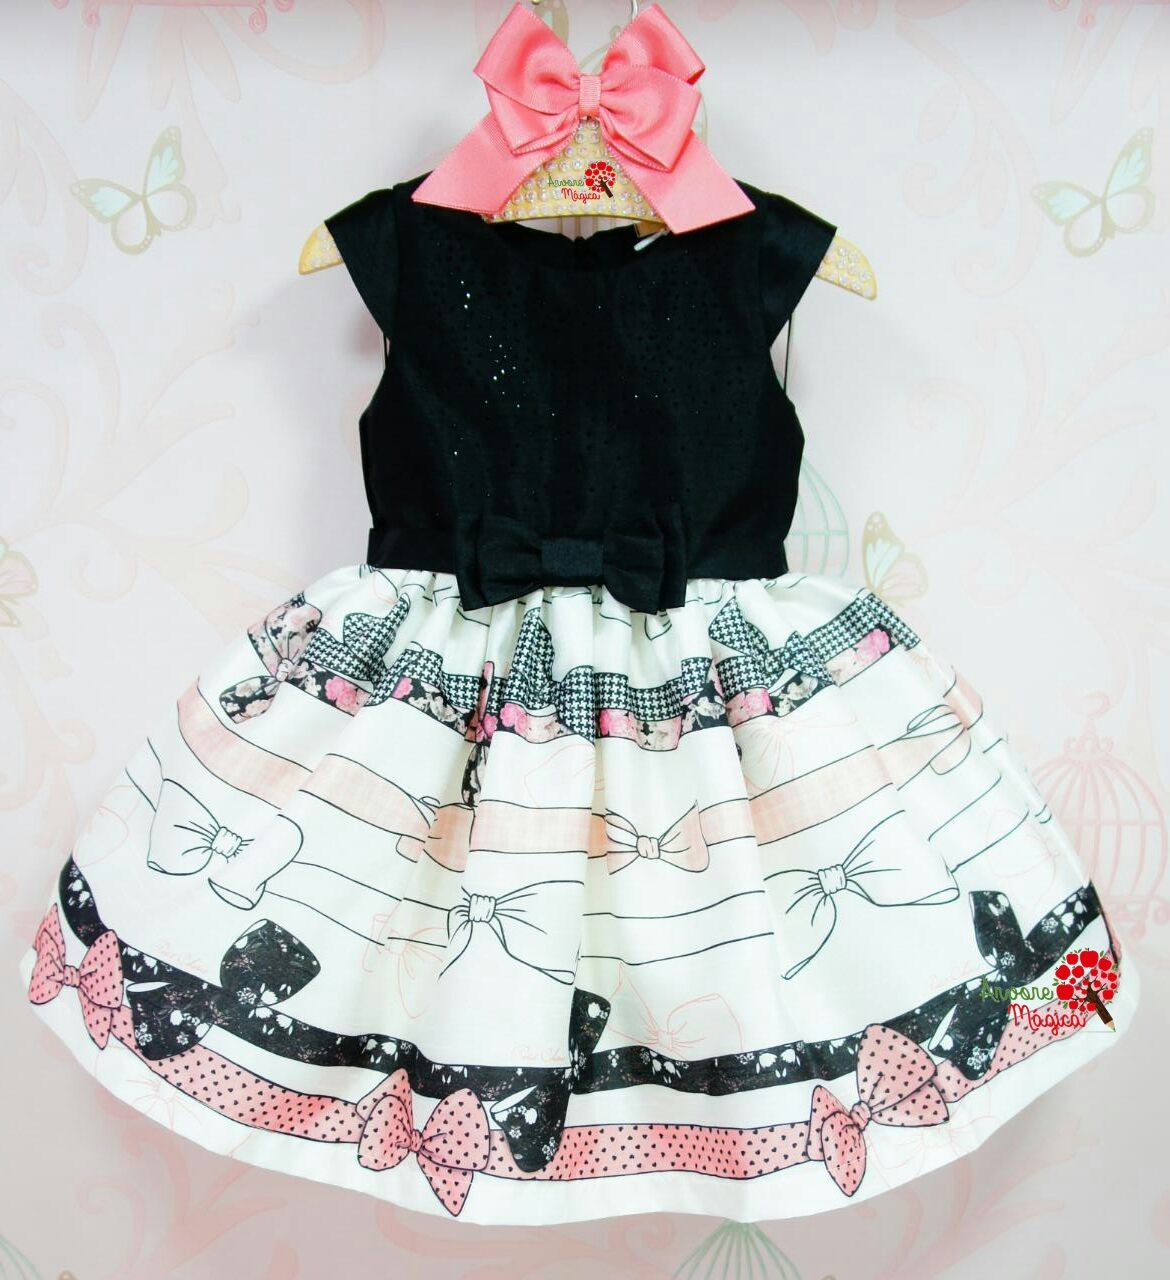 e6beb1e6be Vestido de Festa Infantil Laçarotes Petit Cherie